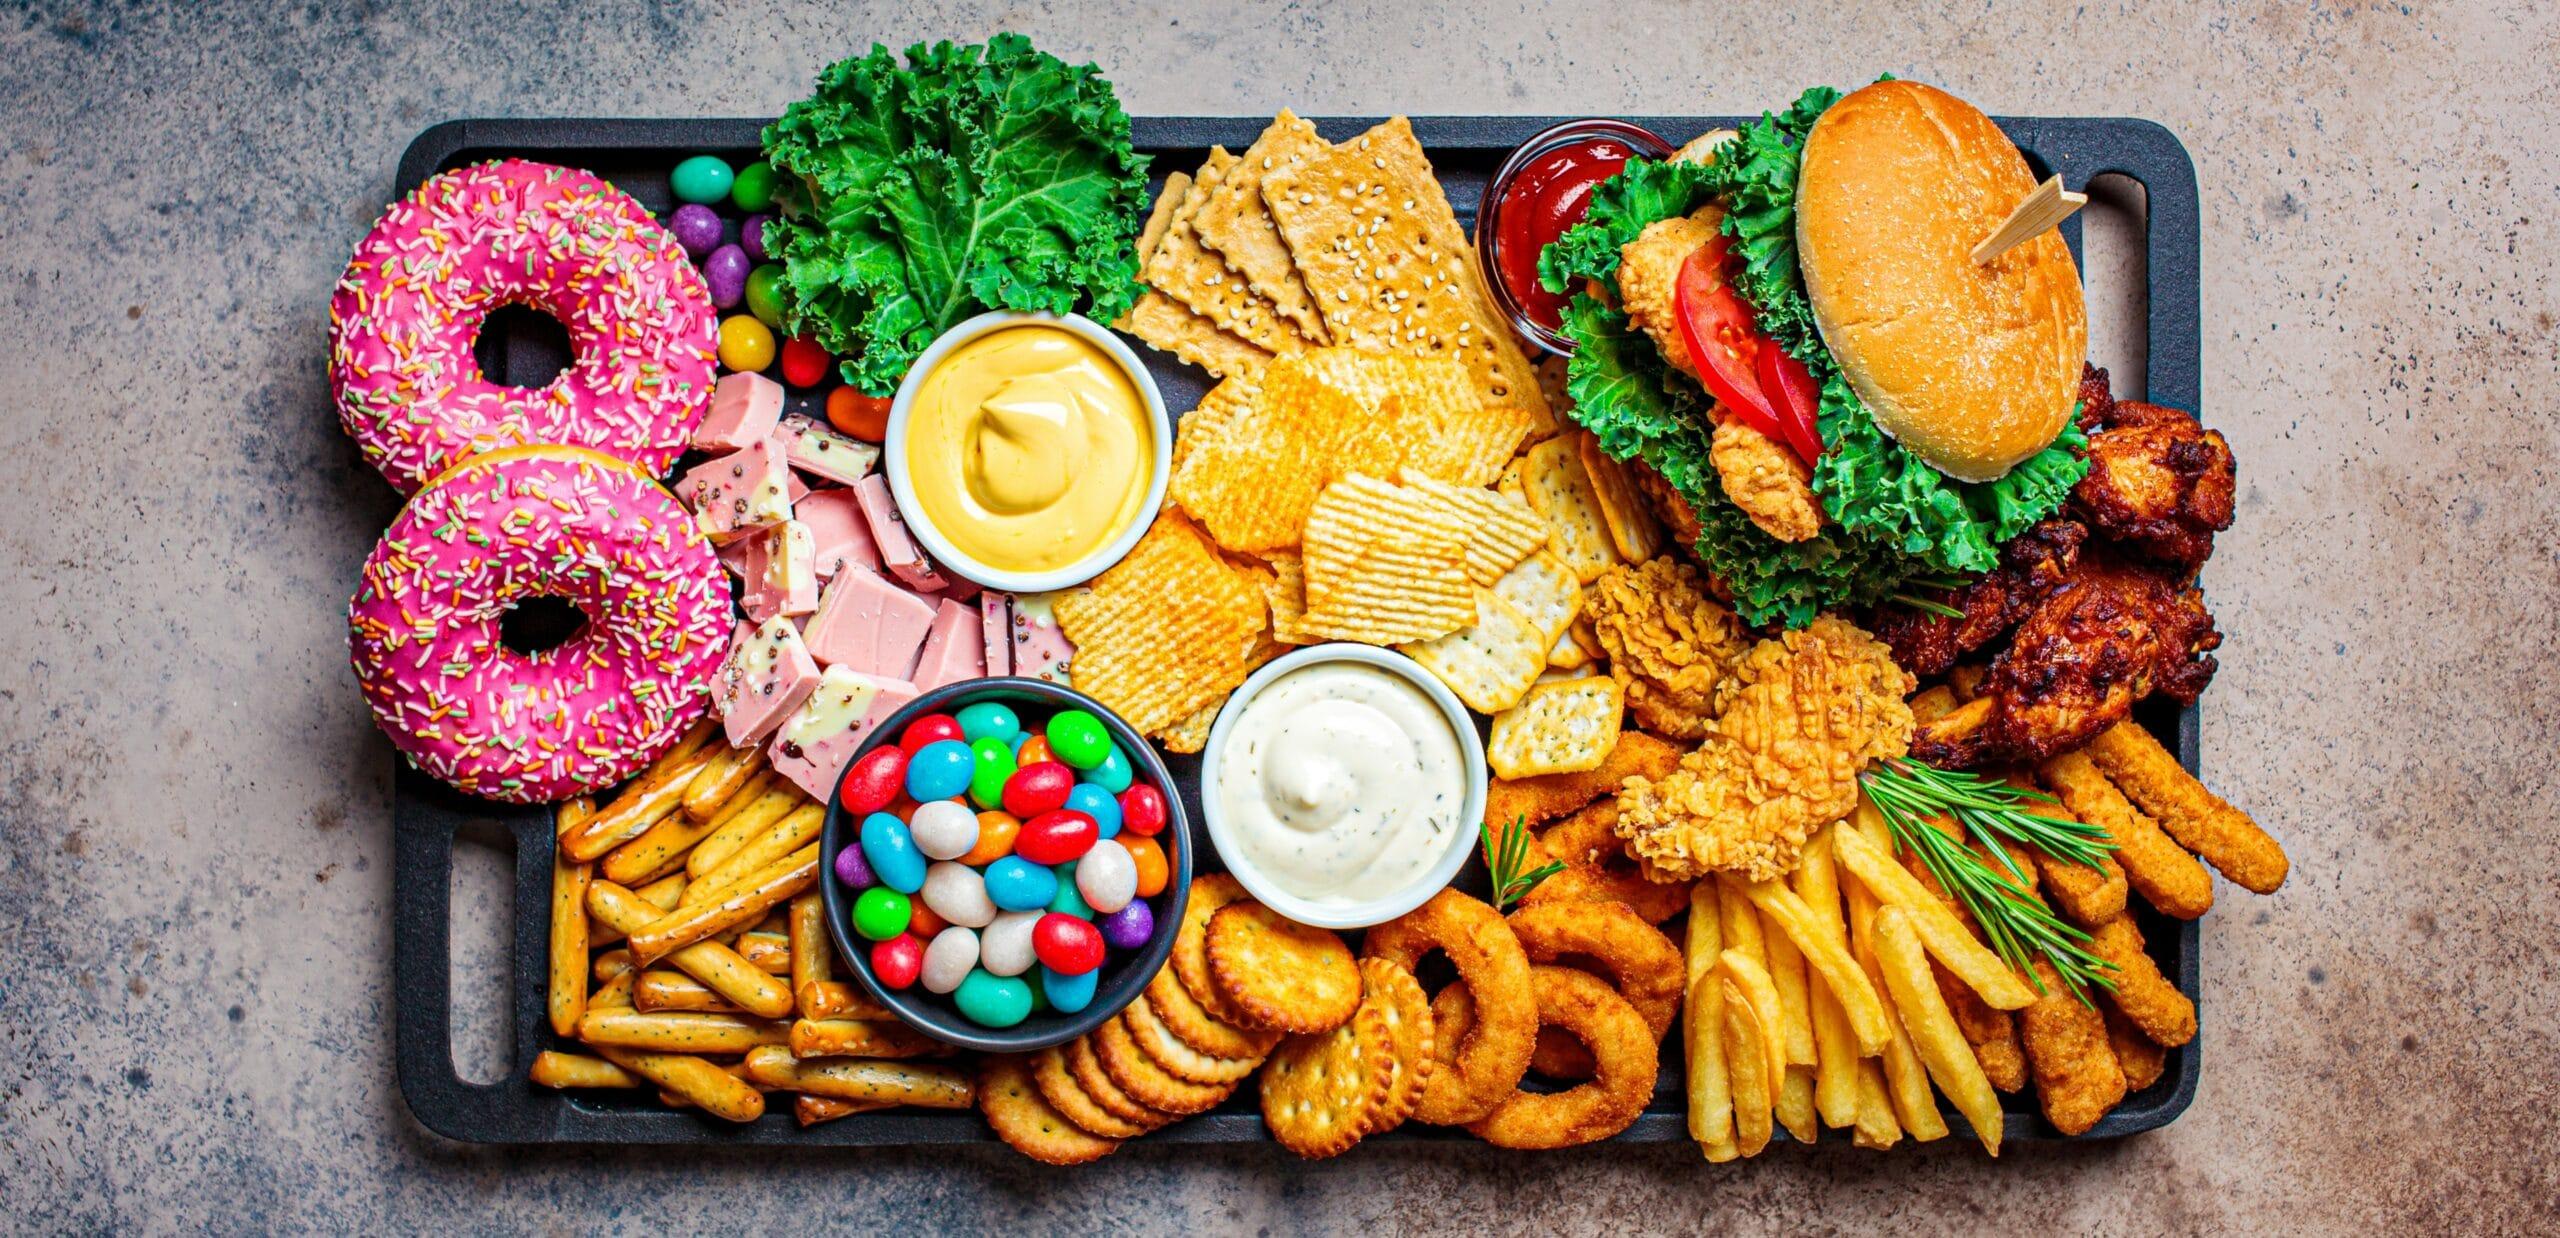 cibi processati nella dieta